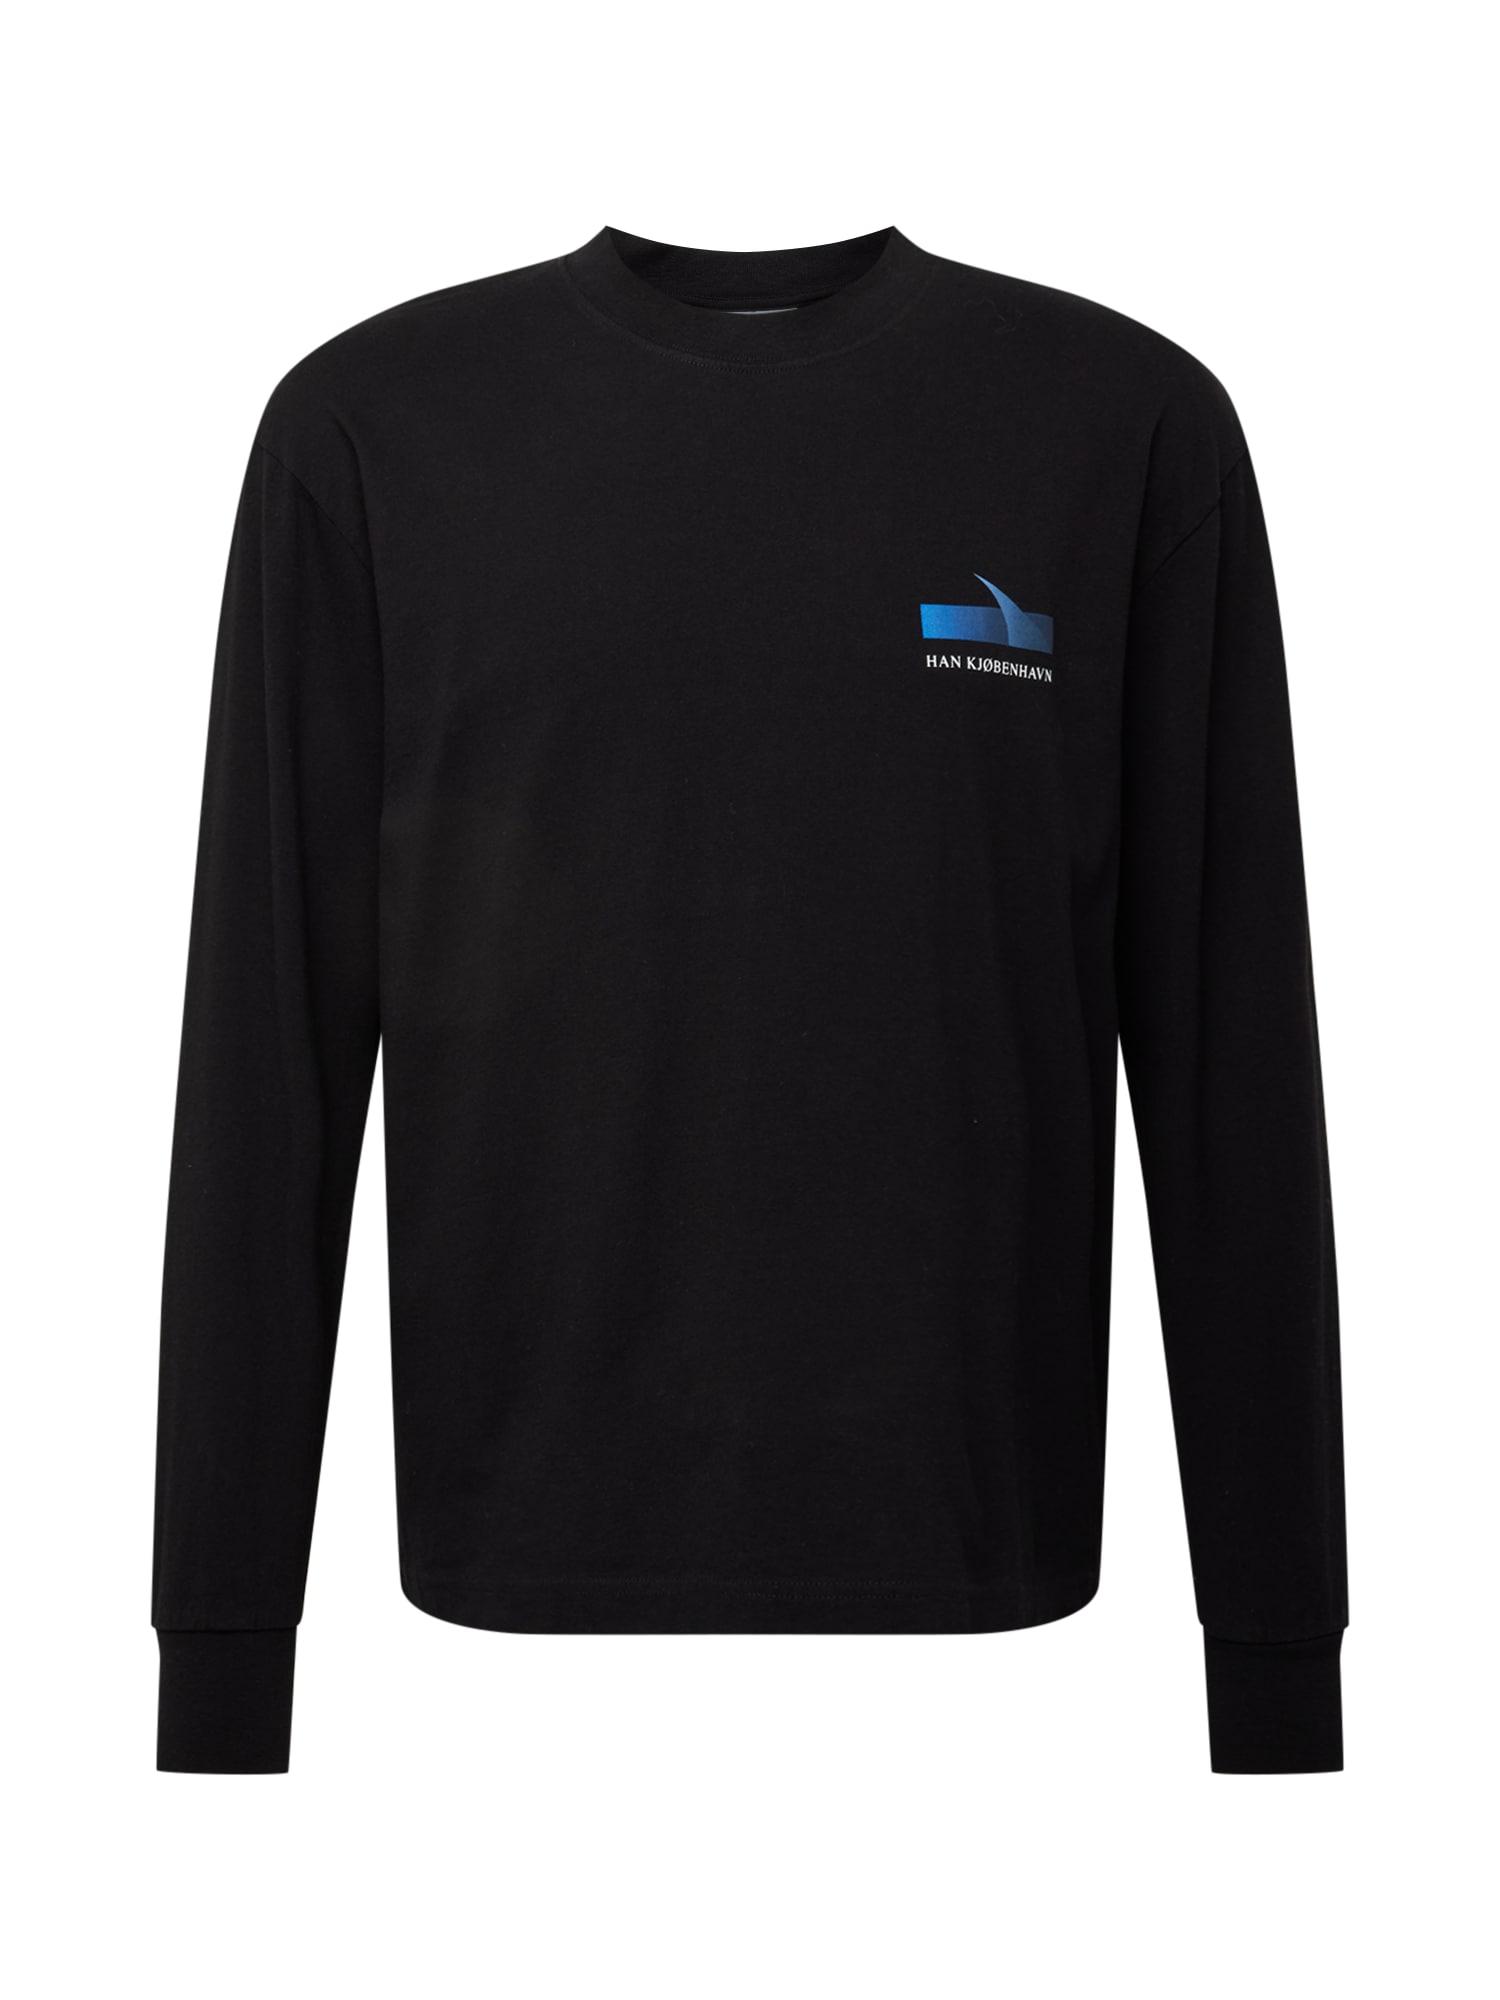 Han Kjøbenhavn Marškinėliai turkio spalva / juoda / balta / šviesiai pilka / mėlyna dūmų spalva